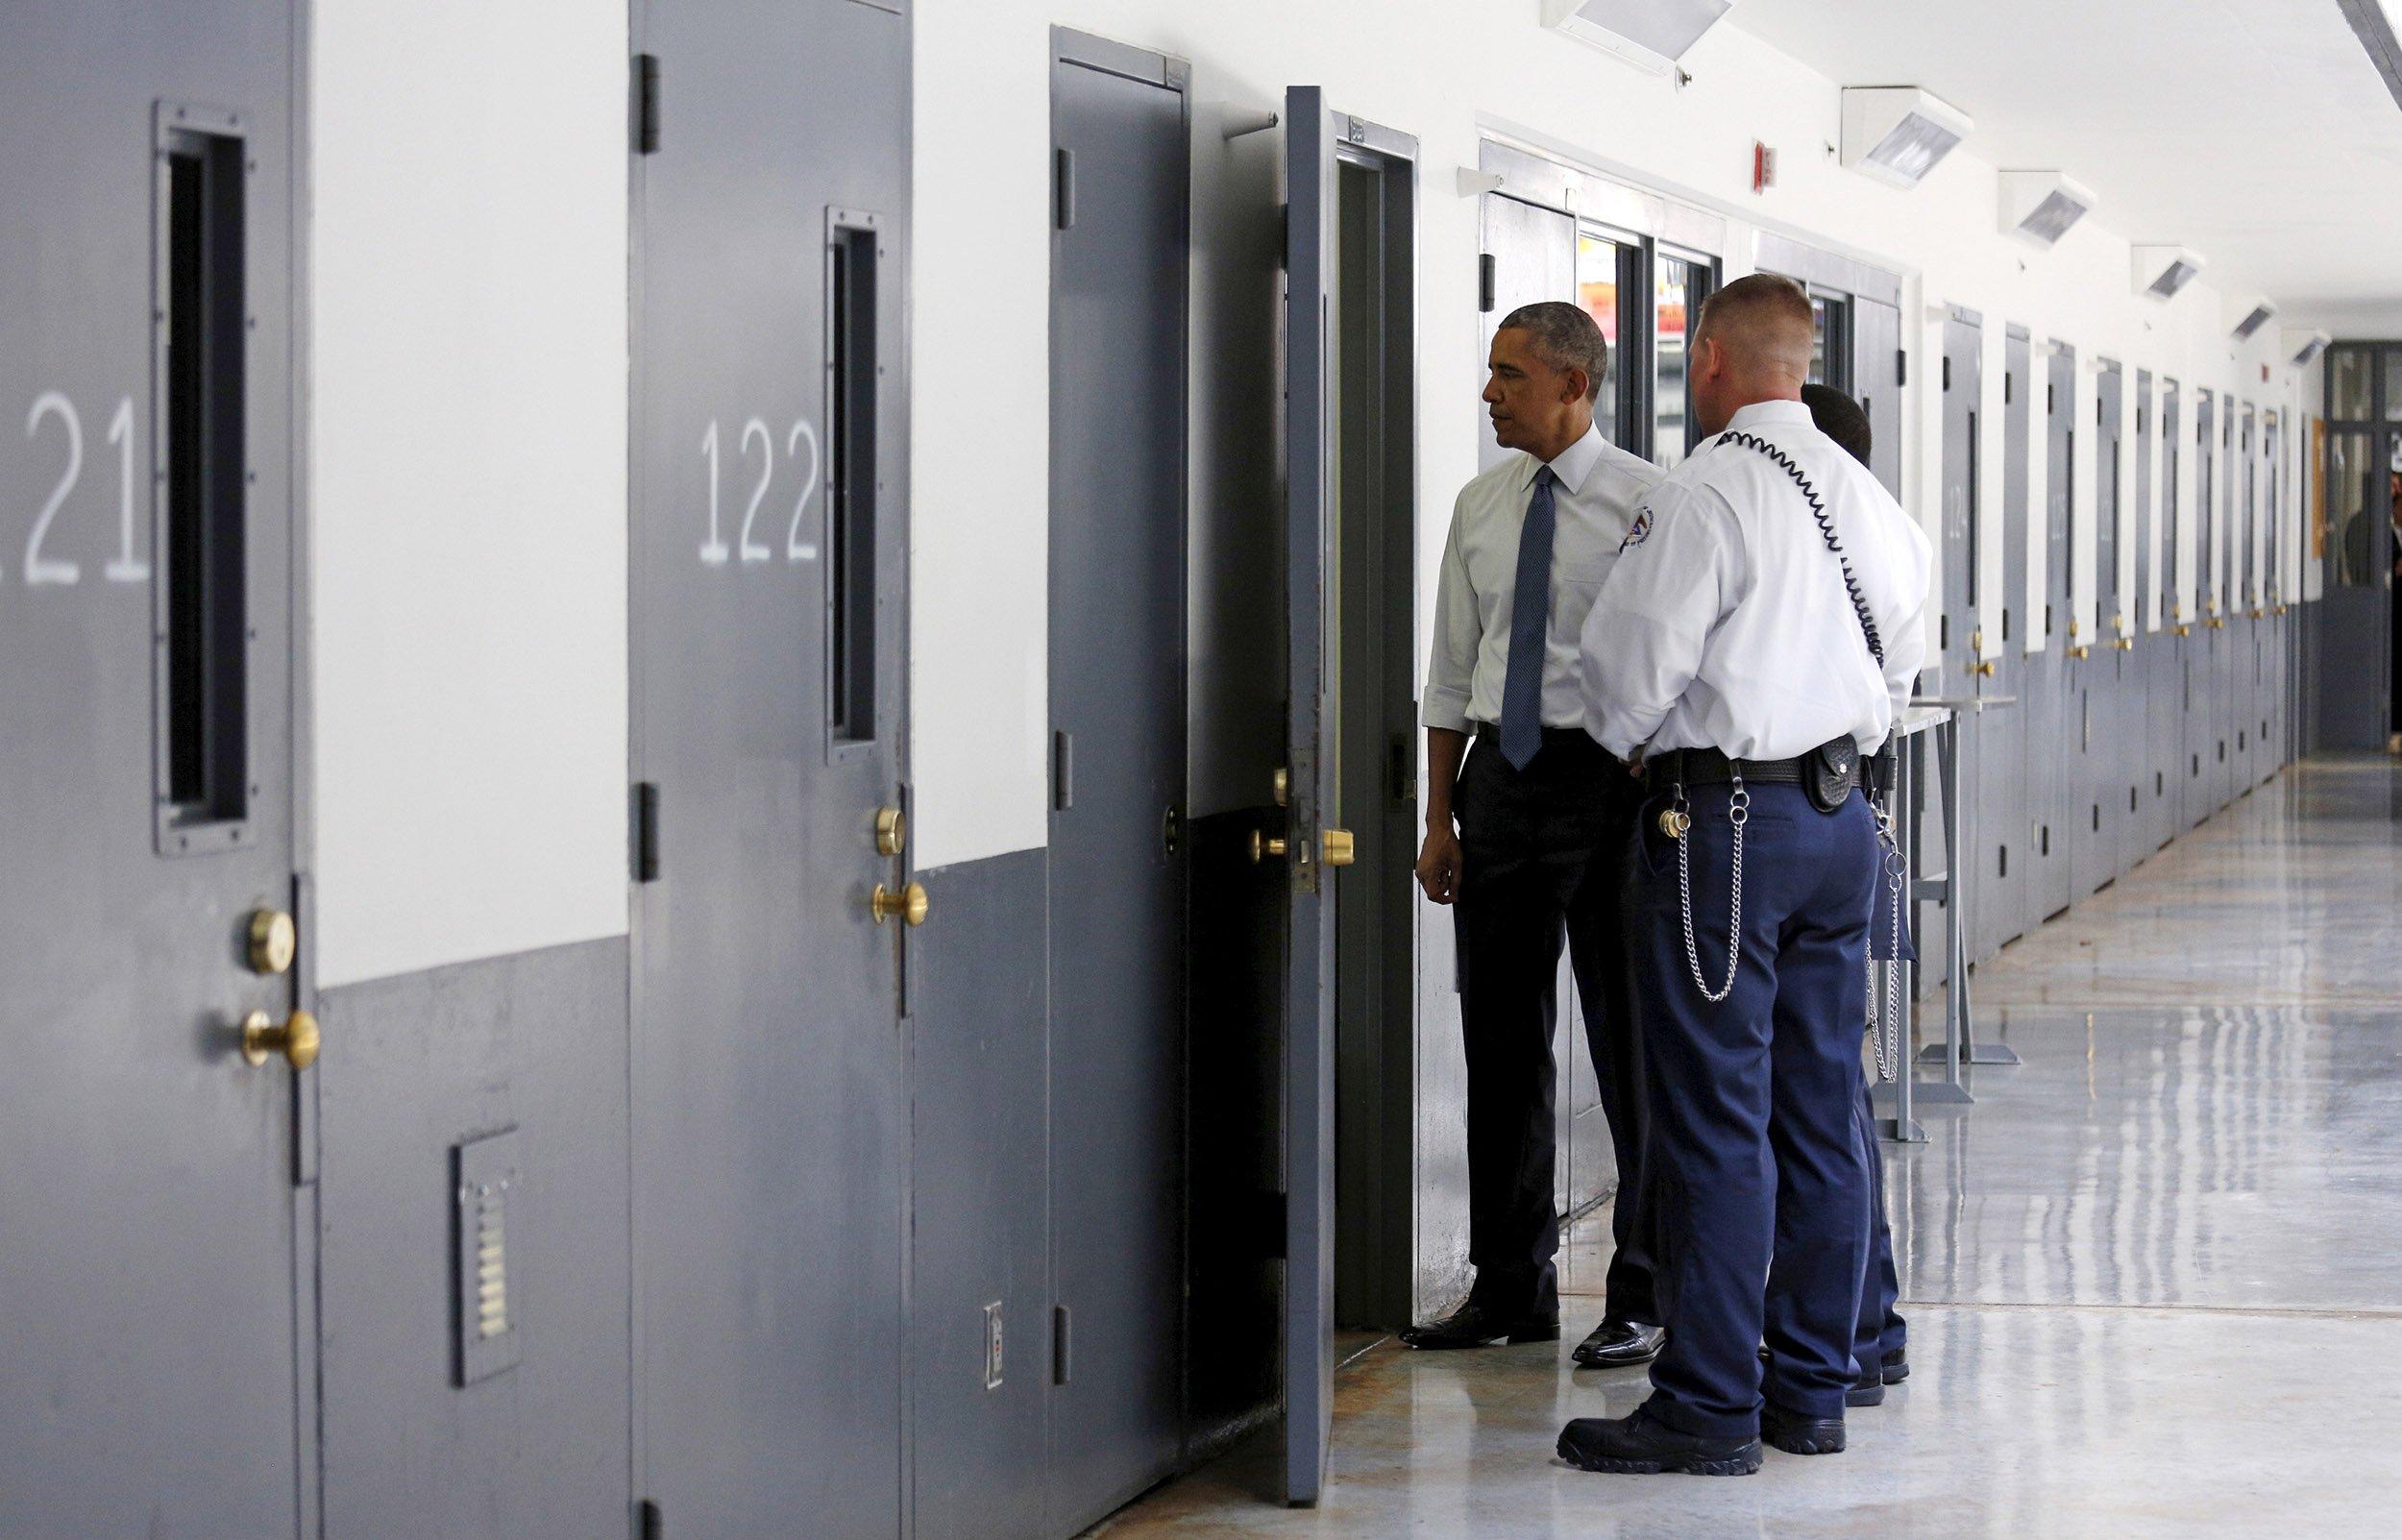 07_30_PrisonDrugOffenders_01